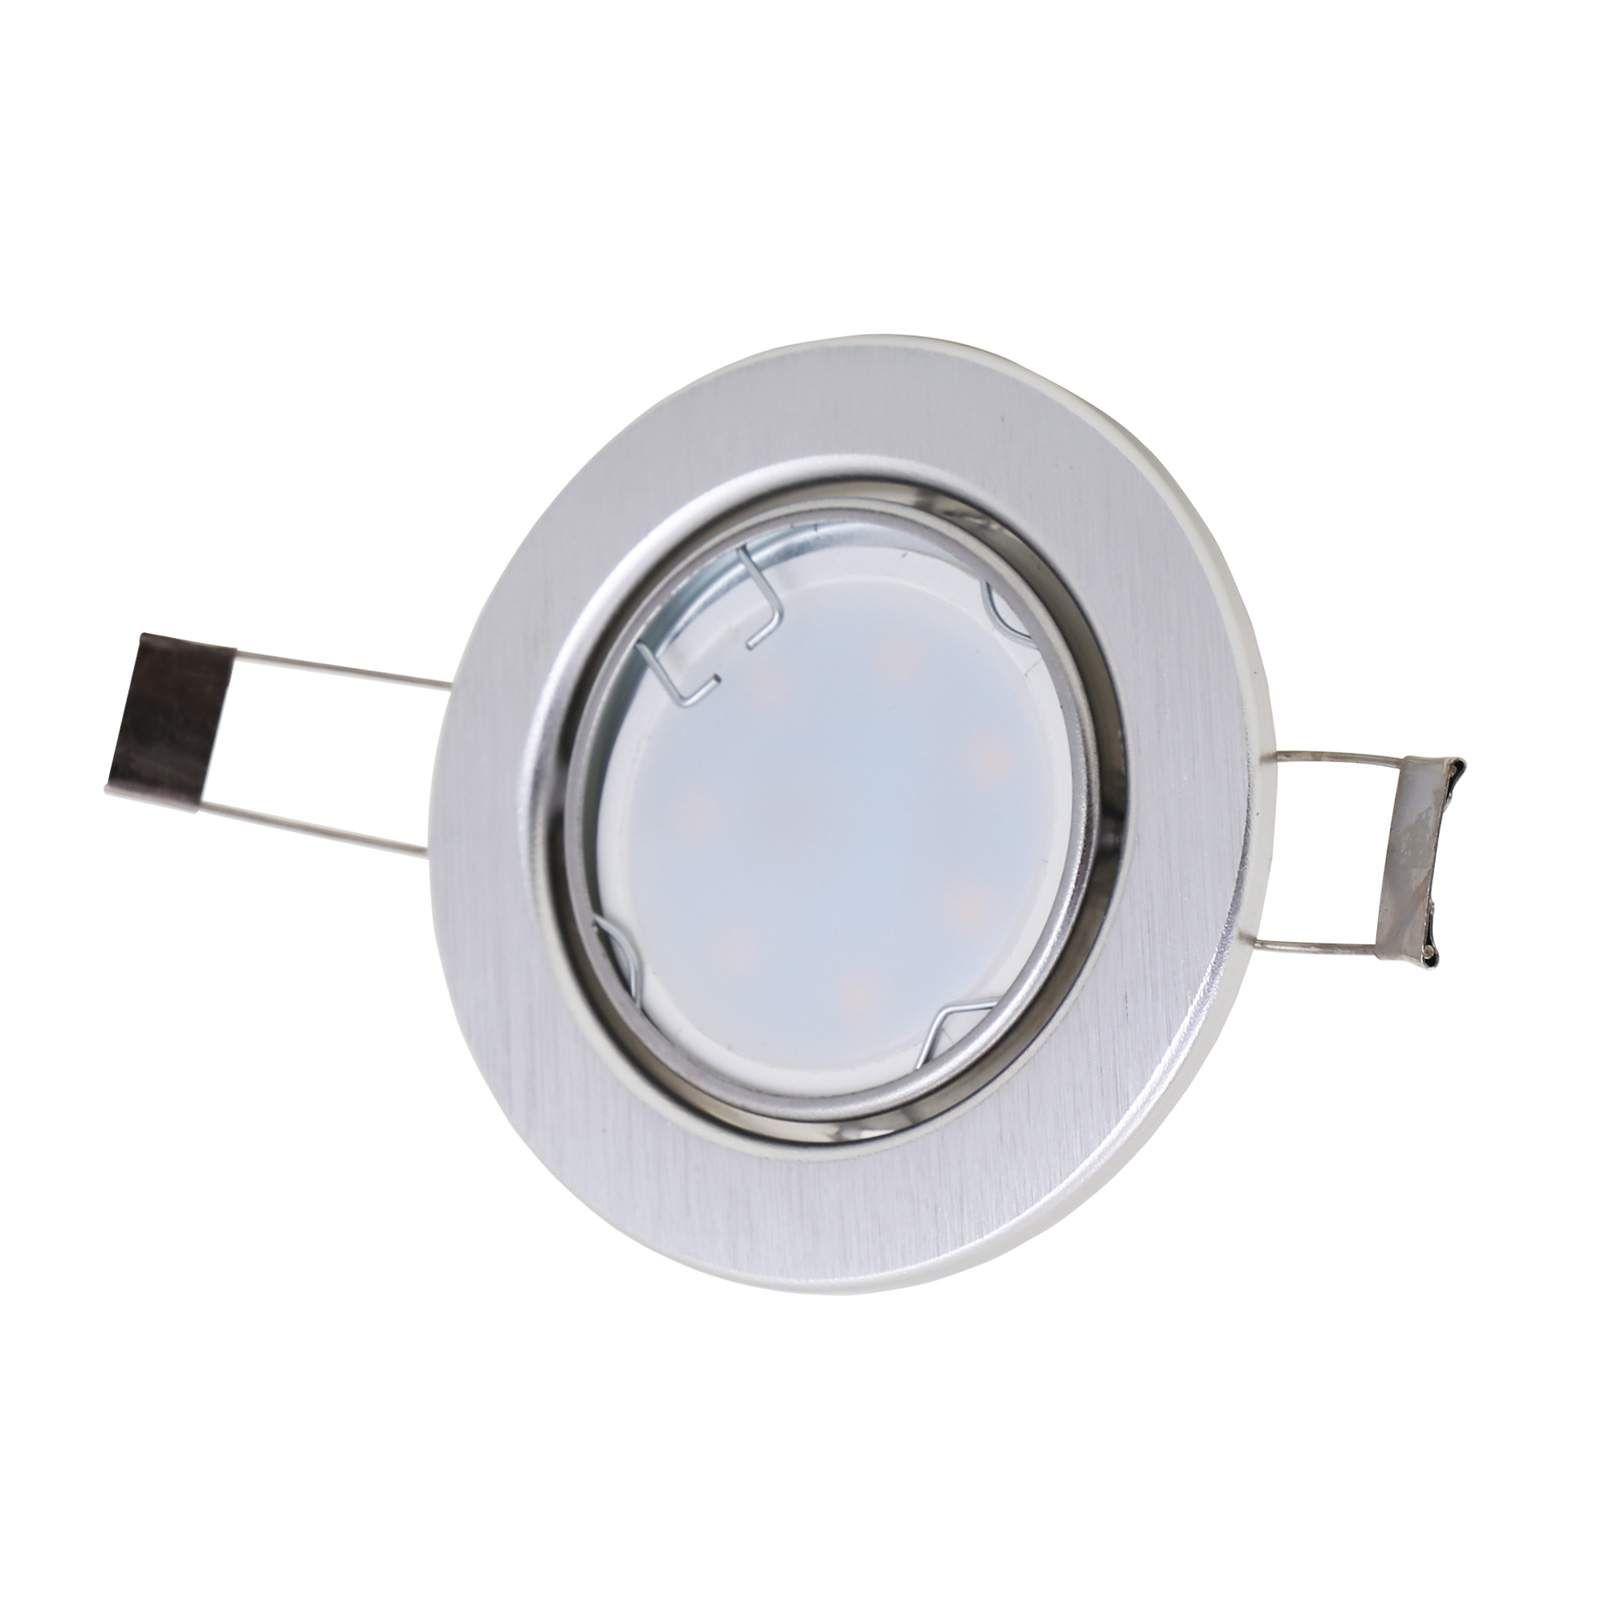 Moderner Einbaustrahler 7221 039 Von Briloner Grau Einbauleuchten Led Und Led Einbaustrahler